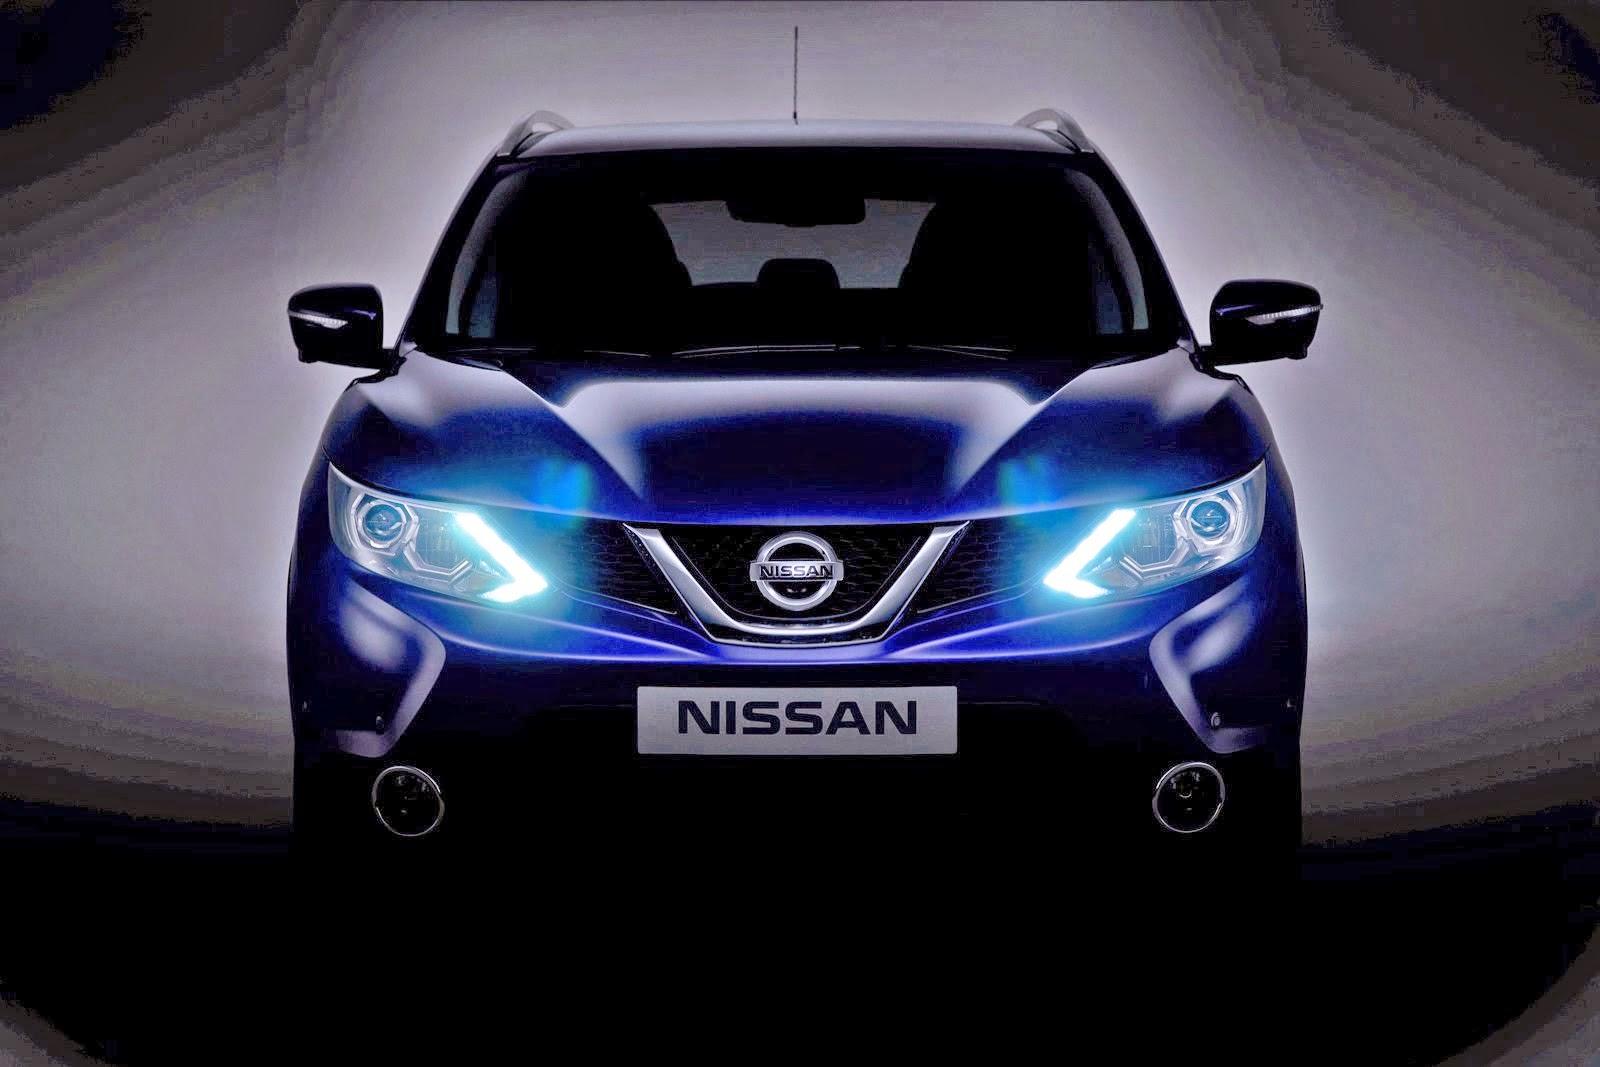 Penilaian tersebut murni dari pengunjung yang hadir selama tanggal 18-28 September kemarin, memang apa yang telah diraih oleh Nissan X-Trail sangat layak mengingat mobil SUV terbaru dari pabrikan Jepang tersebut tampil elegan dan menawan baik dari segi eksterior maupun interiornya.